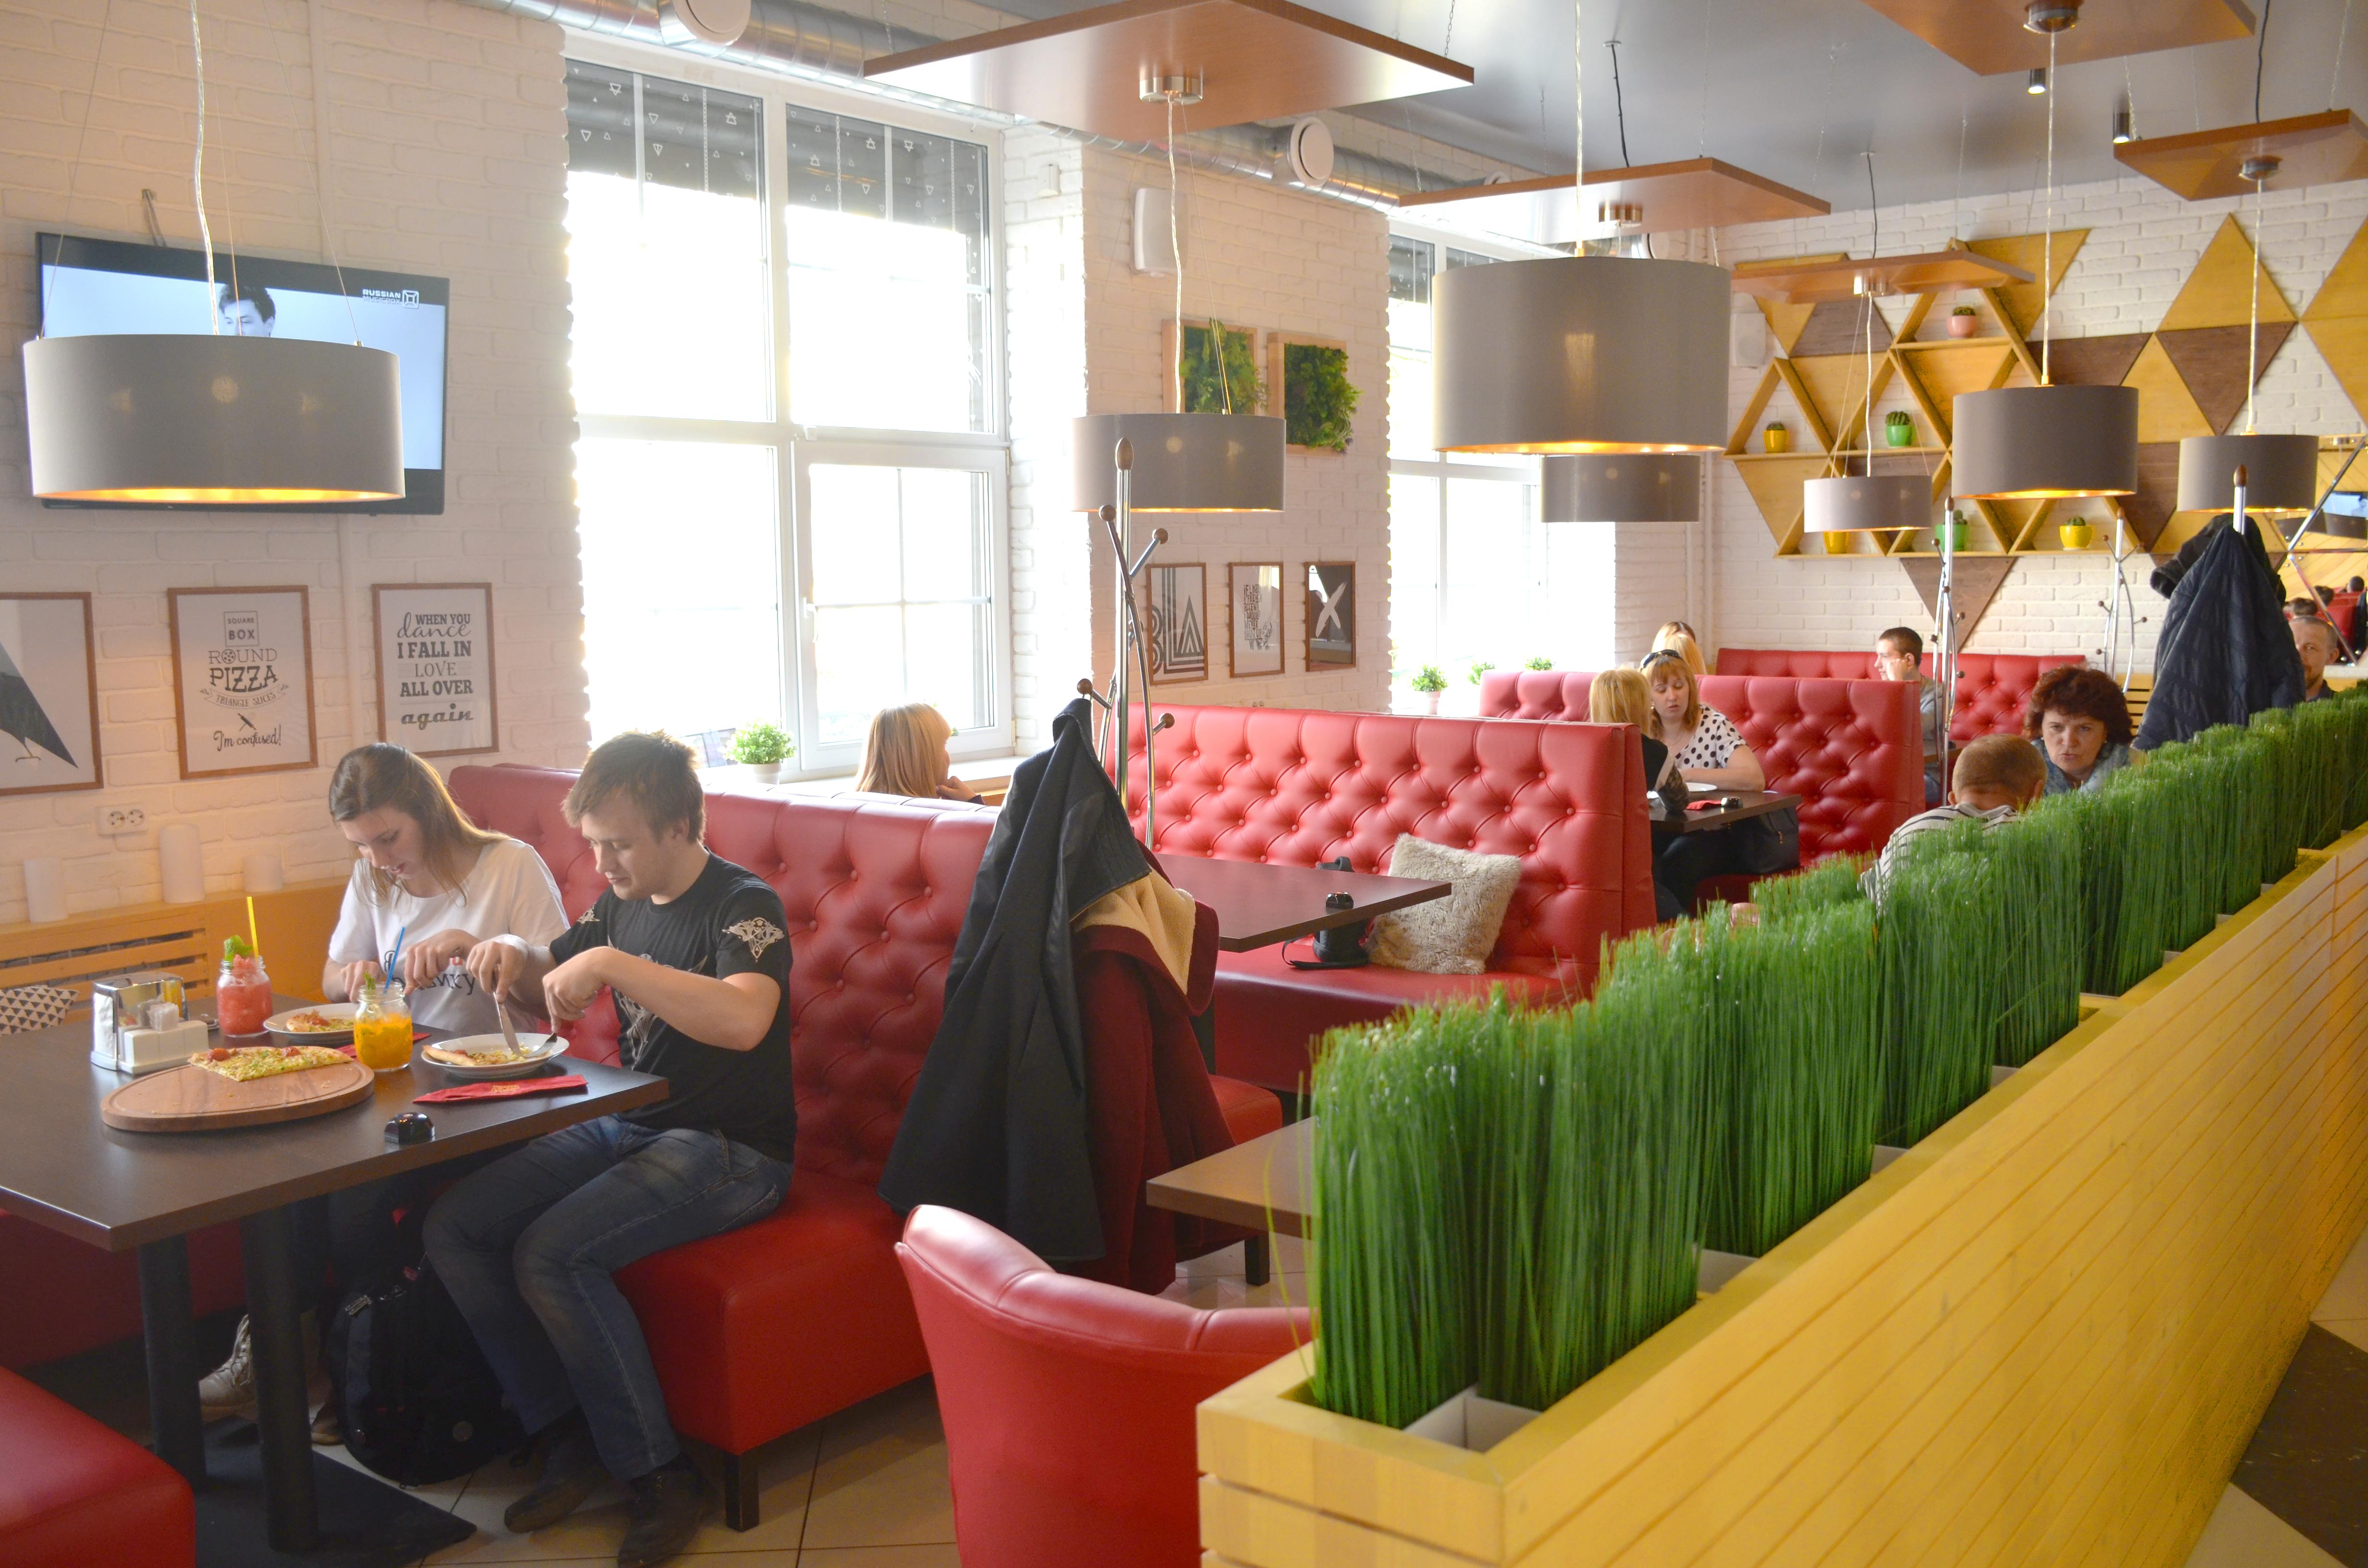 Кафе ПиццаФабрика в Рыбинске